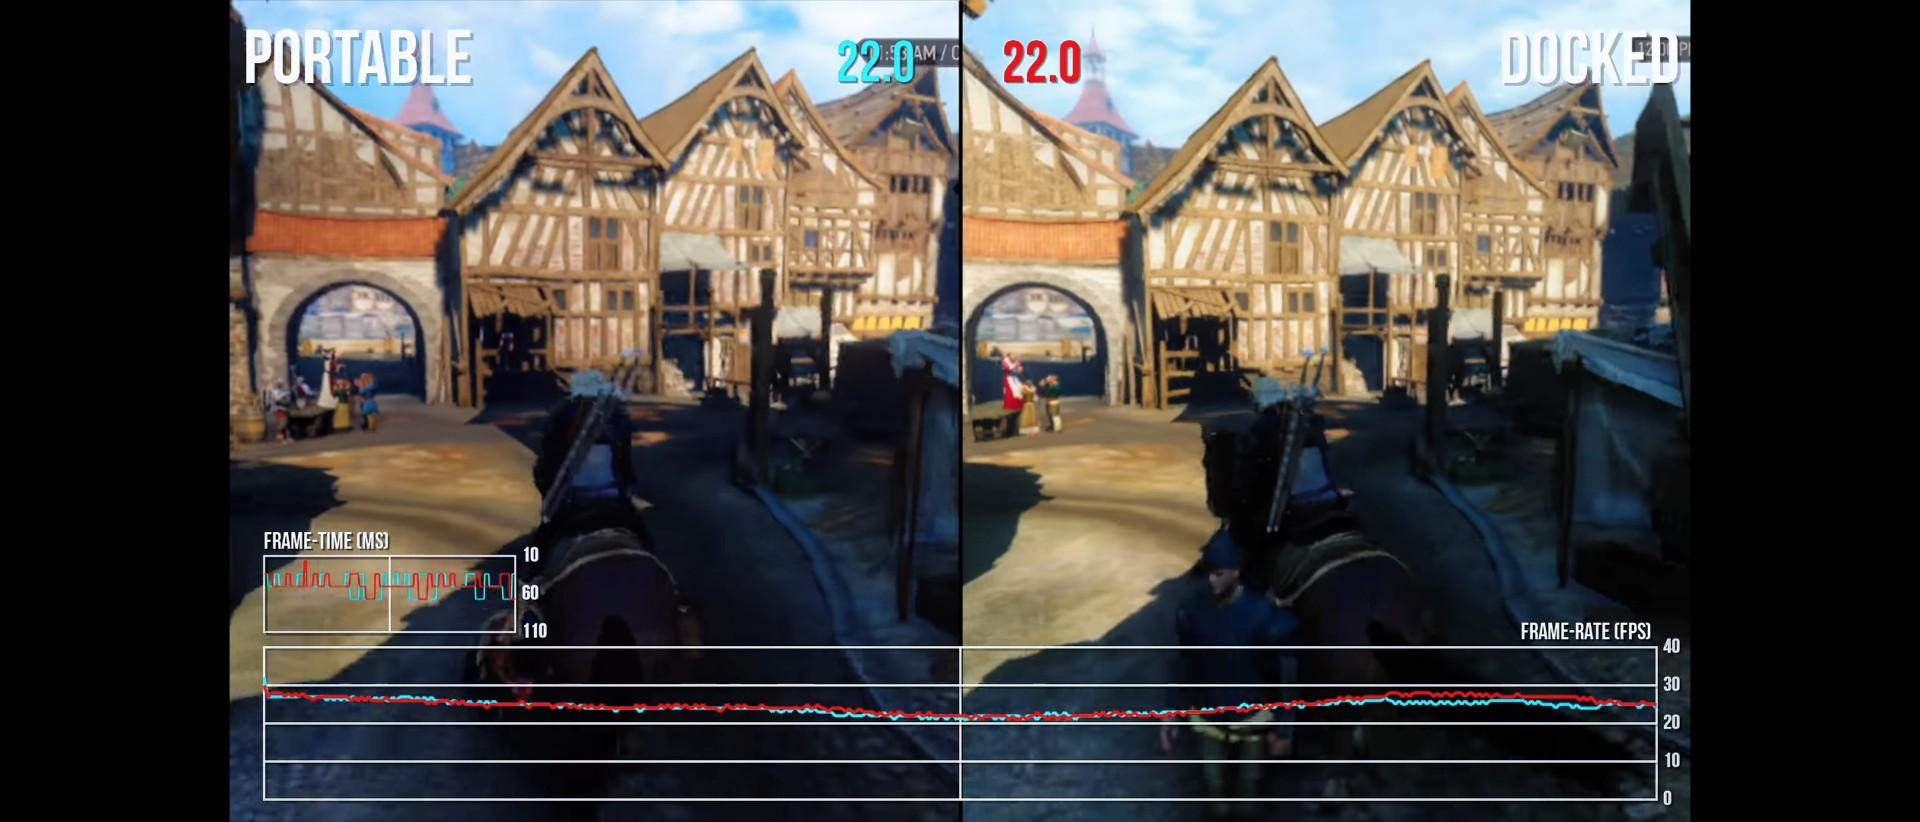 U1dnNJm - ウィッチャー3のSwitch vs PS4のフレームレート比較が到着。30fpsで安定していることが判明!